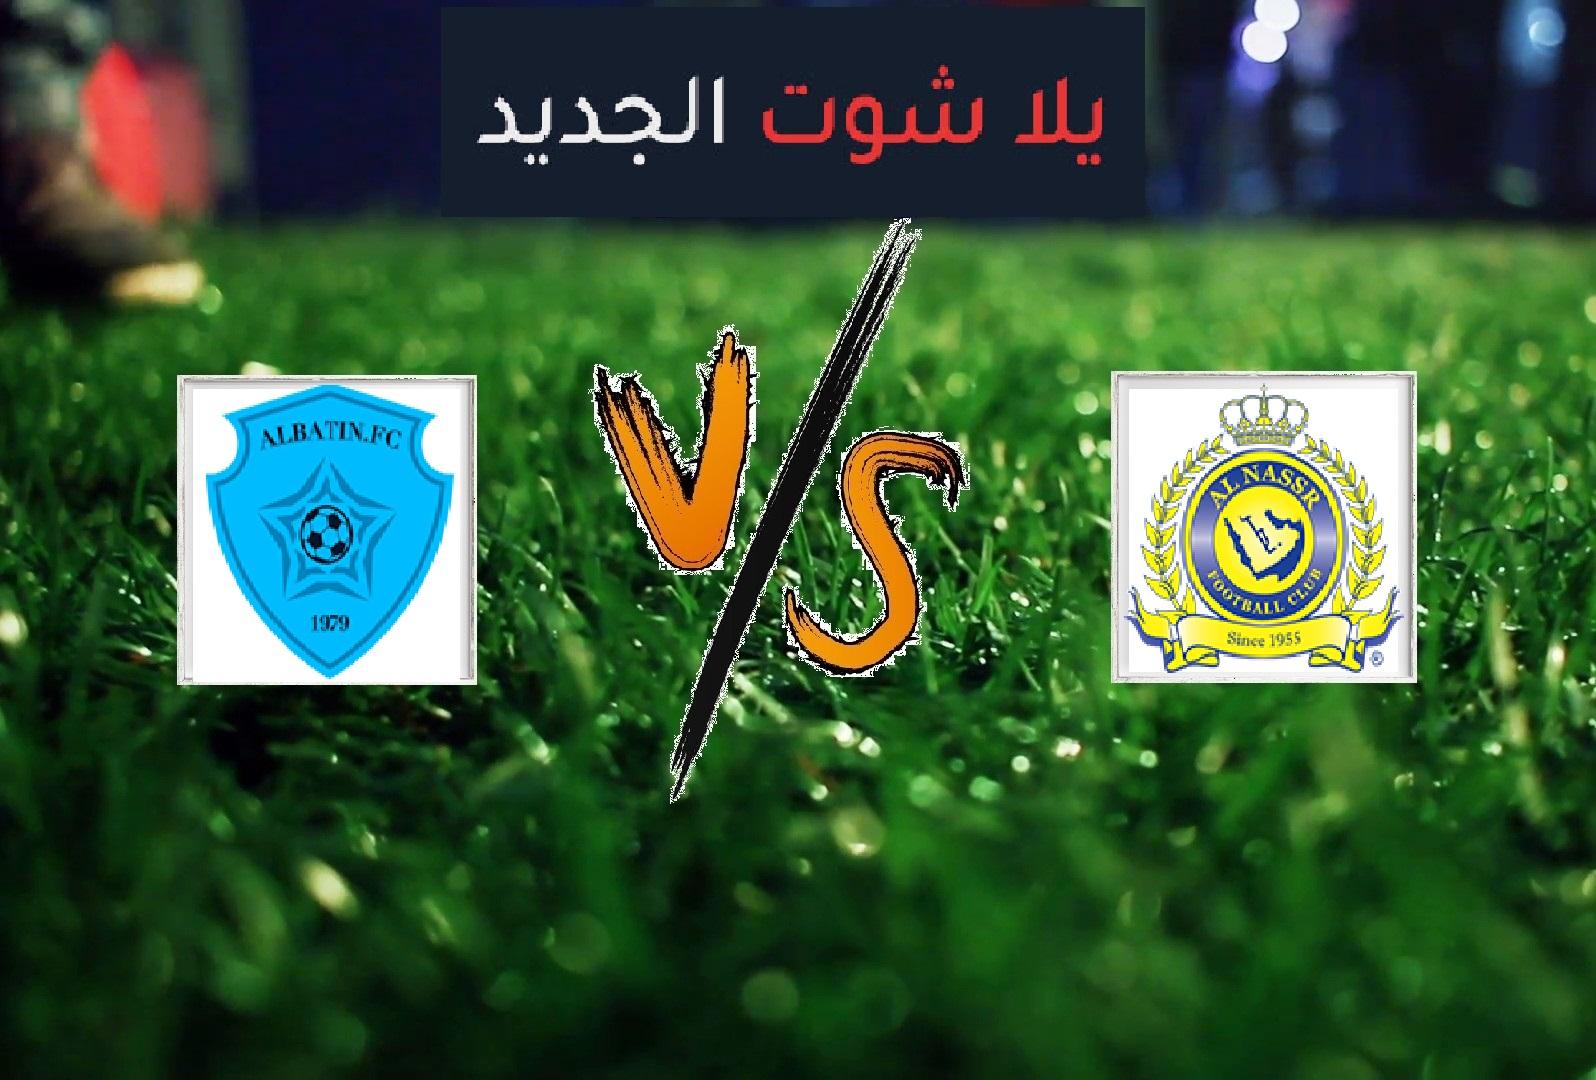 النصر يفوز على الباطن بهدفين مقابل هدف في الجولة الـ30 من بطولة الدوري السعودي